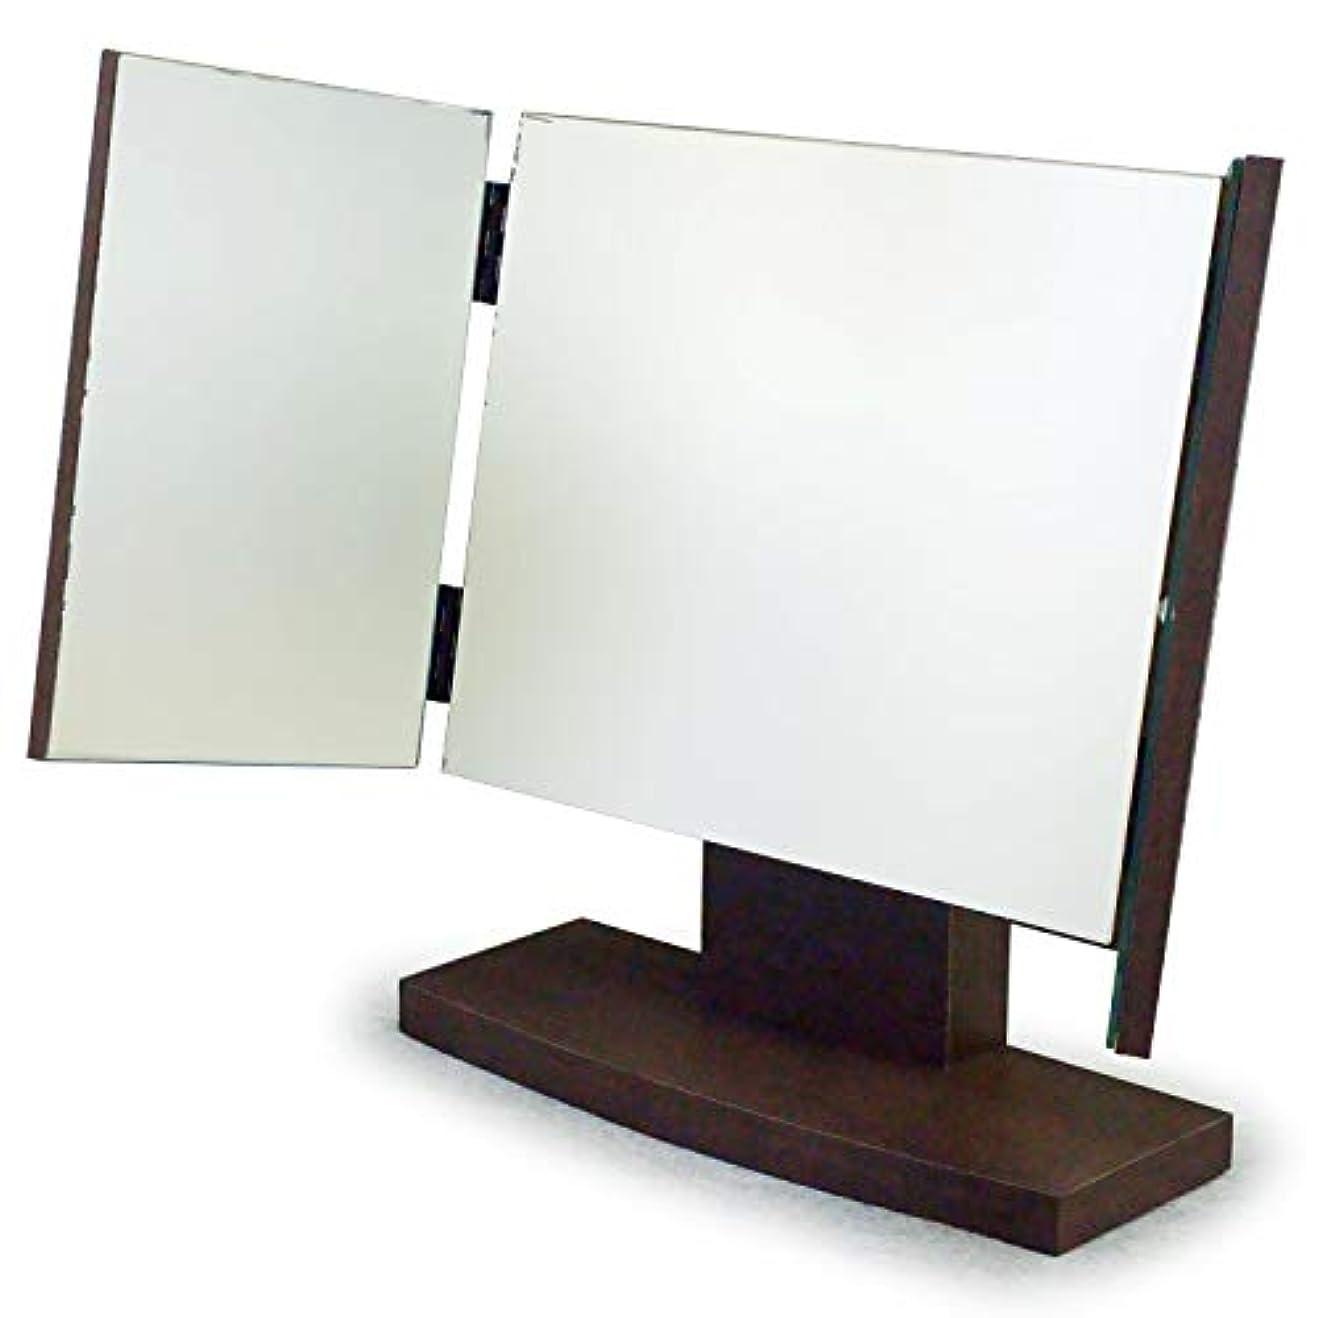 手荷物貢献するボクシング三面鏡 卓上 木製(角度調整機能付)ダーク色